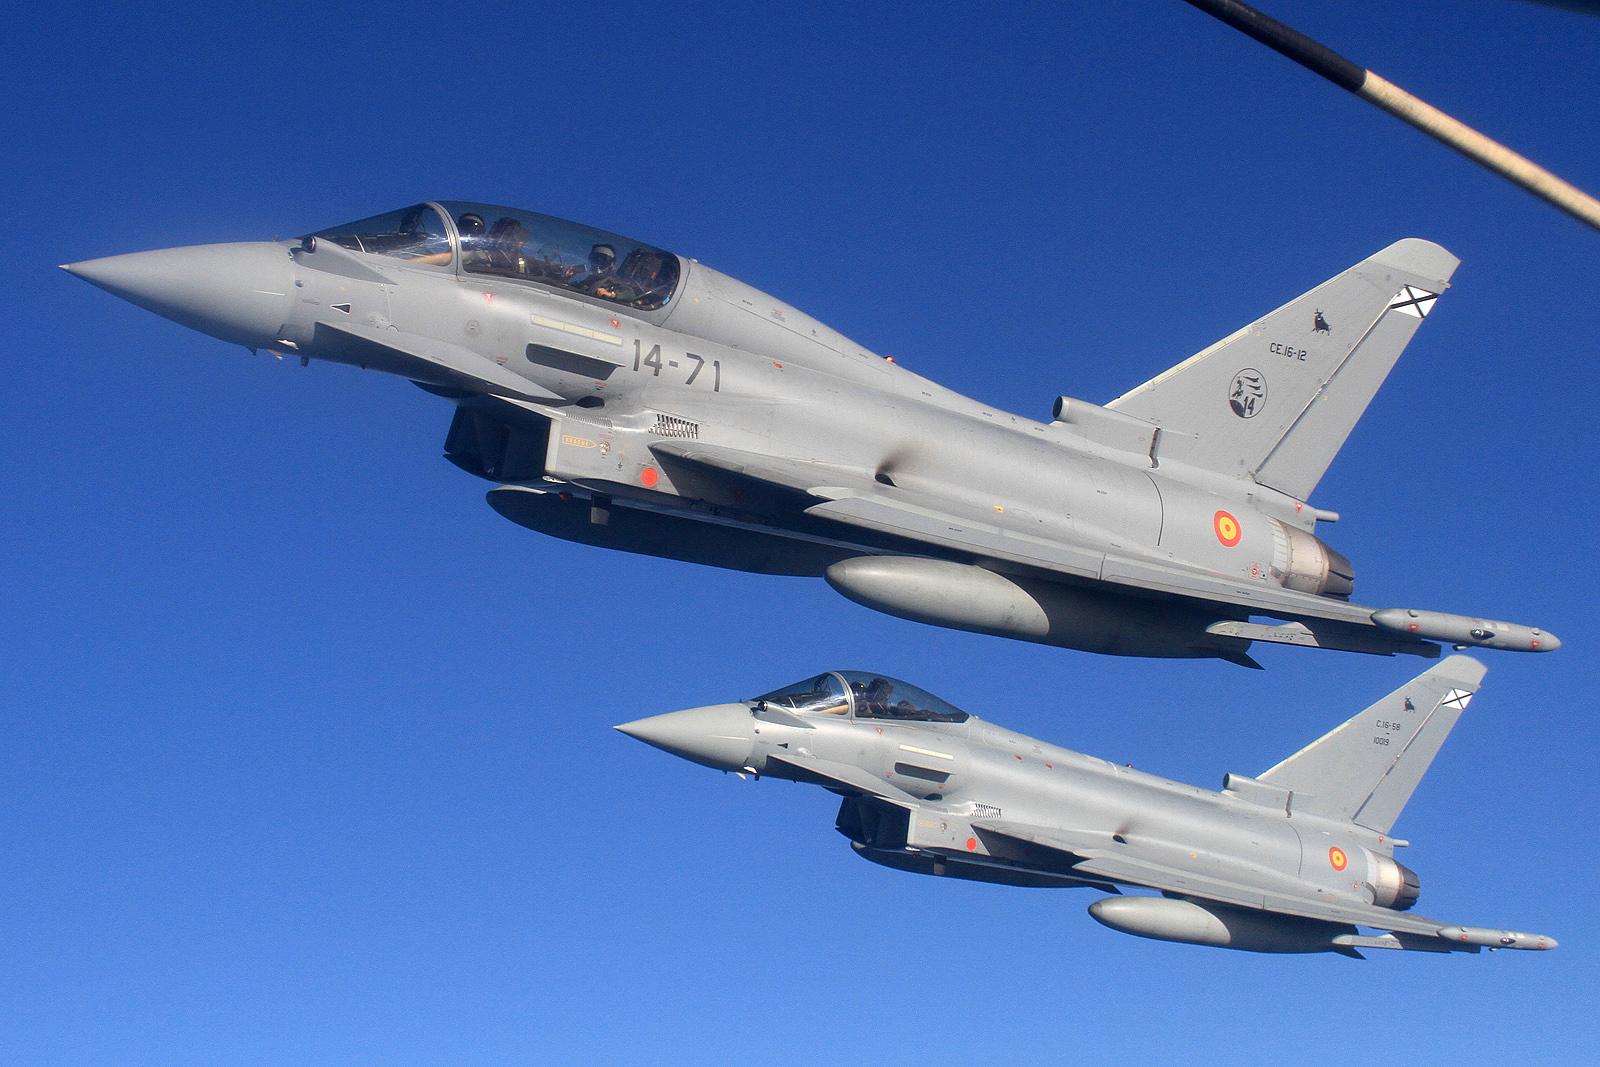 Dos aviones Eurofighter durante un vuelo